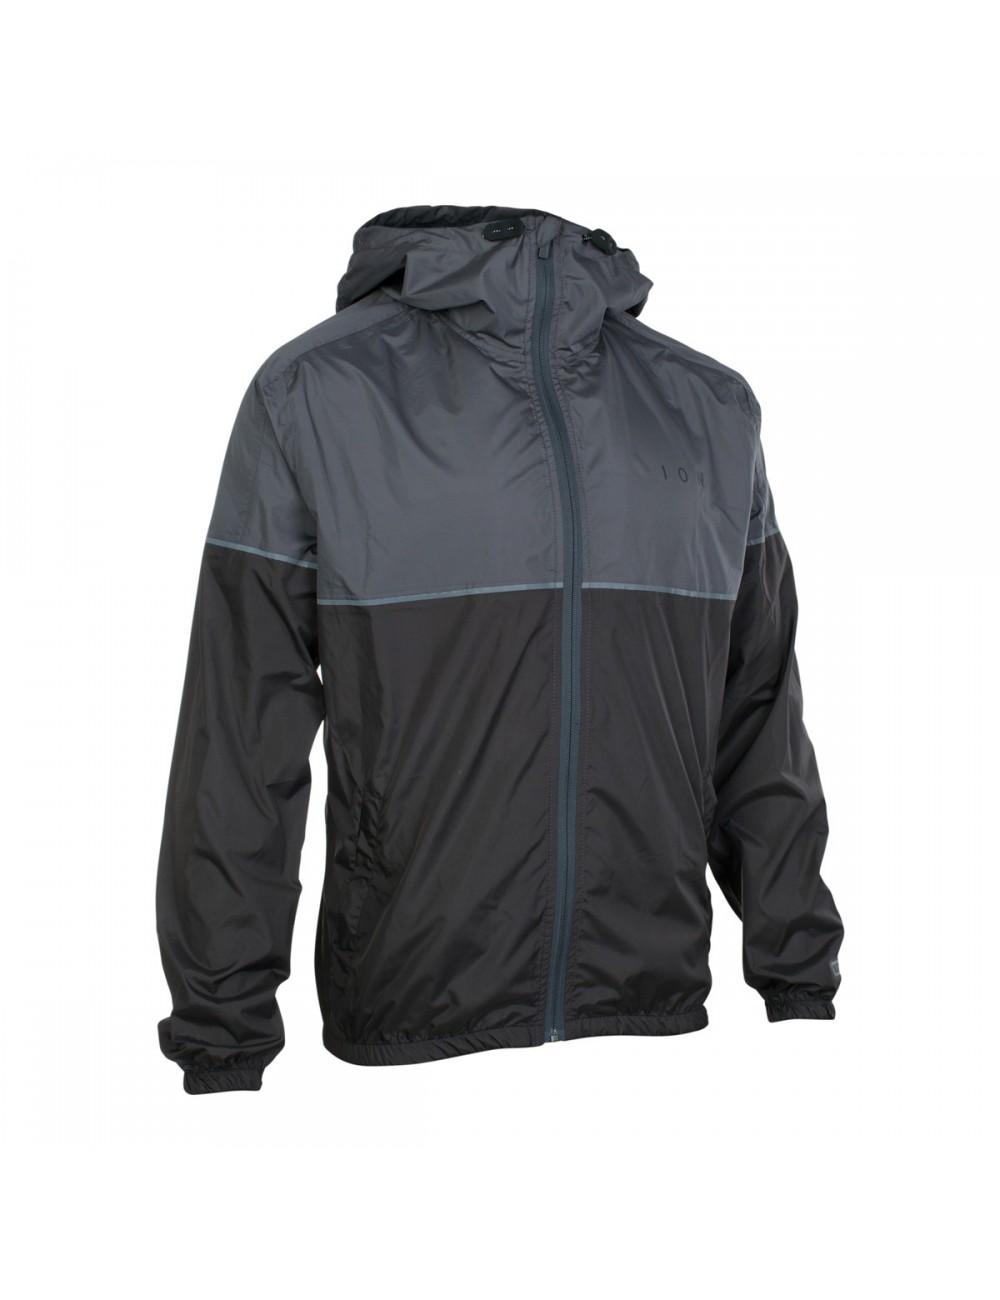 ION Shelter Rain Jacket - Black_12061